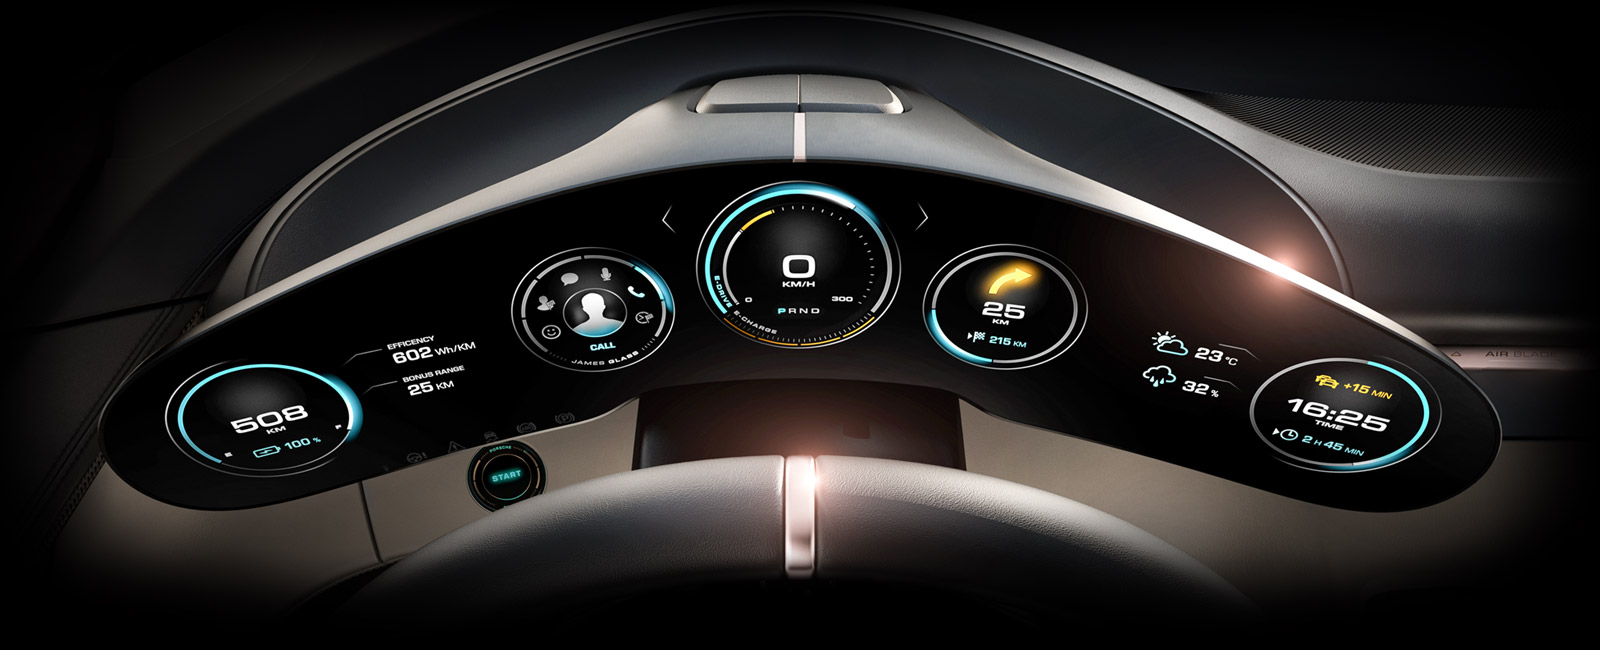 background1 Σε τρία χρόνια το πρώτο αποκλειστικά ηλεκτροκίνητο μοντέλο της Porsche Electric cars, Porsche, Porsche 919, Porsche Mission E, supercars, videos, Τεχνολογία